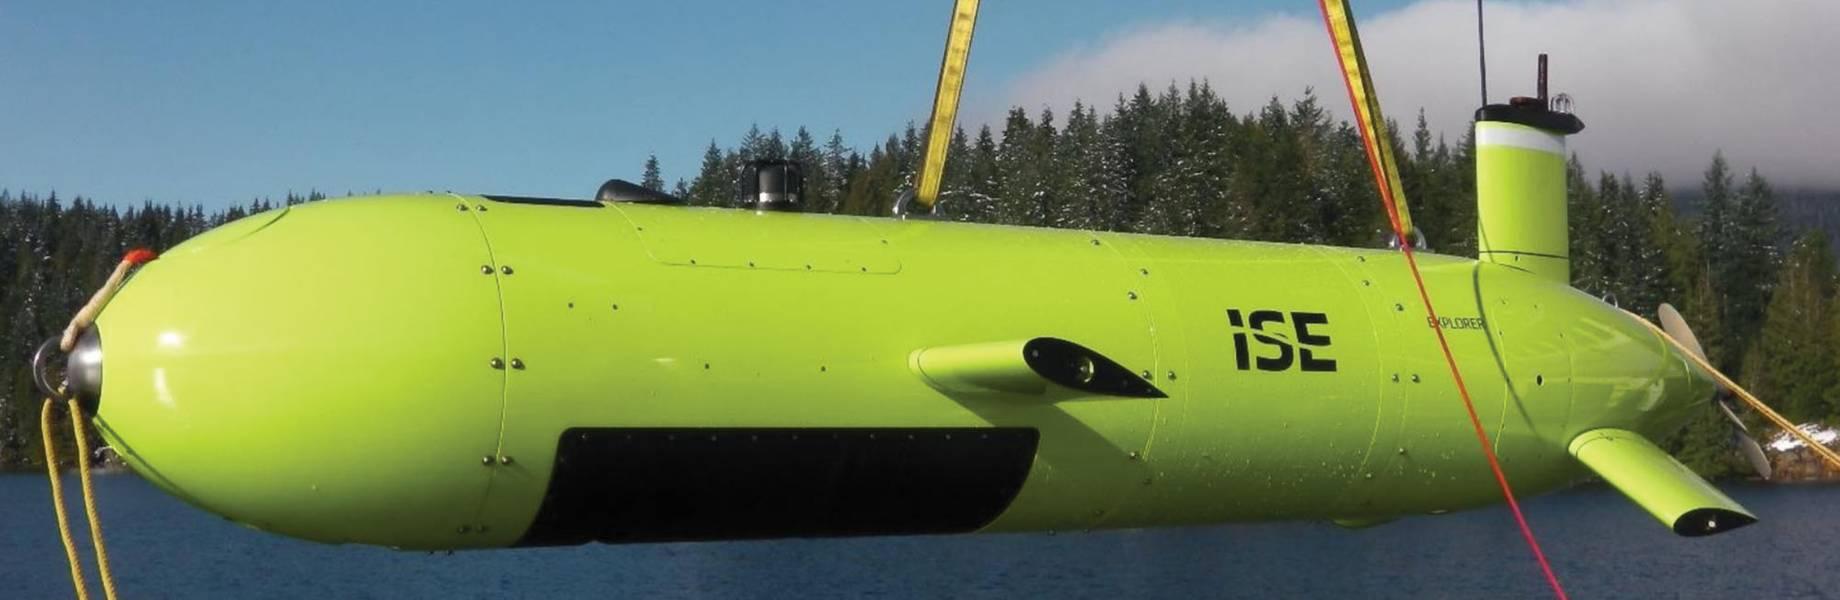 Гибкость полезной нагрузки: ISE Explorer 6000 класса и ISE 3000 R & D AUV. Фото предоставлено Международной подводной инженерией